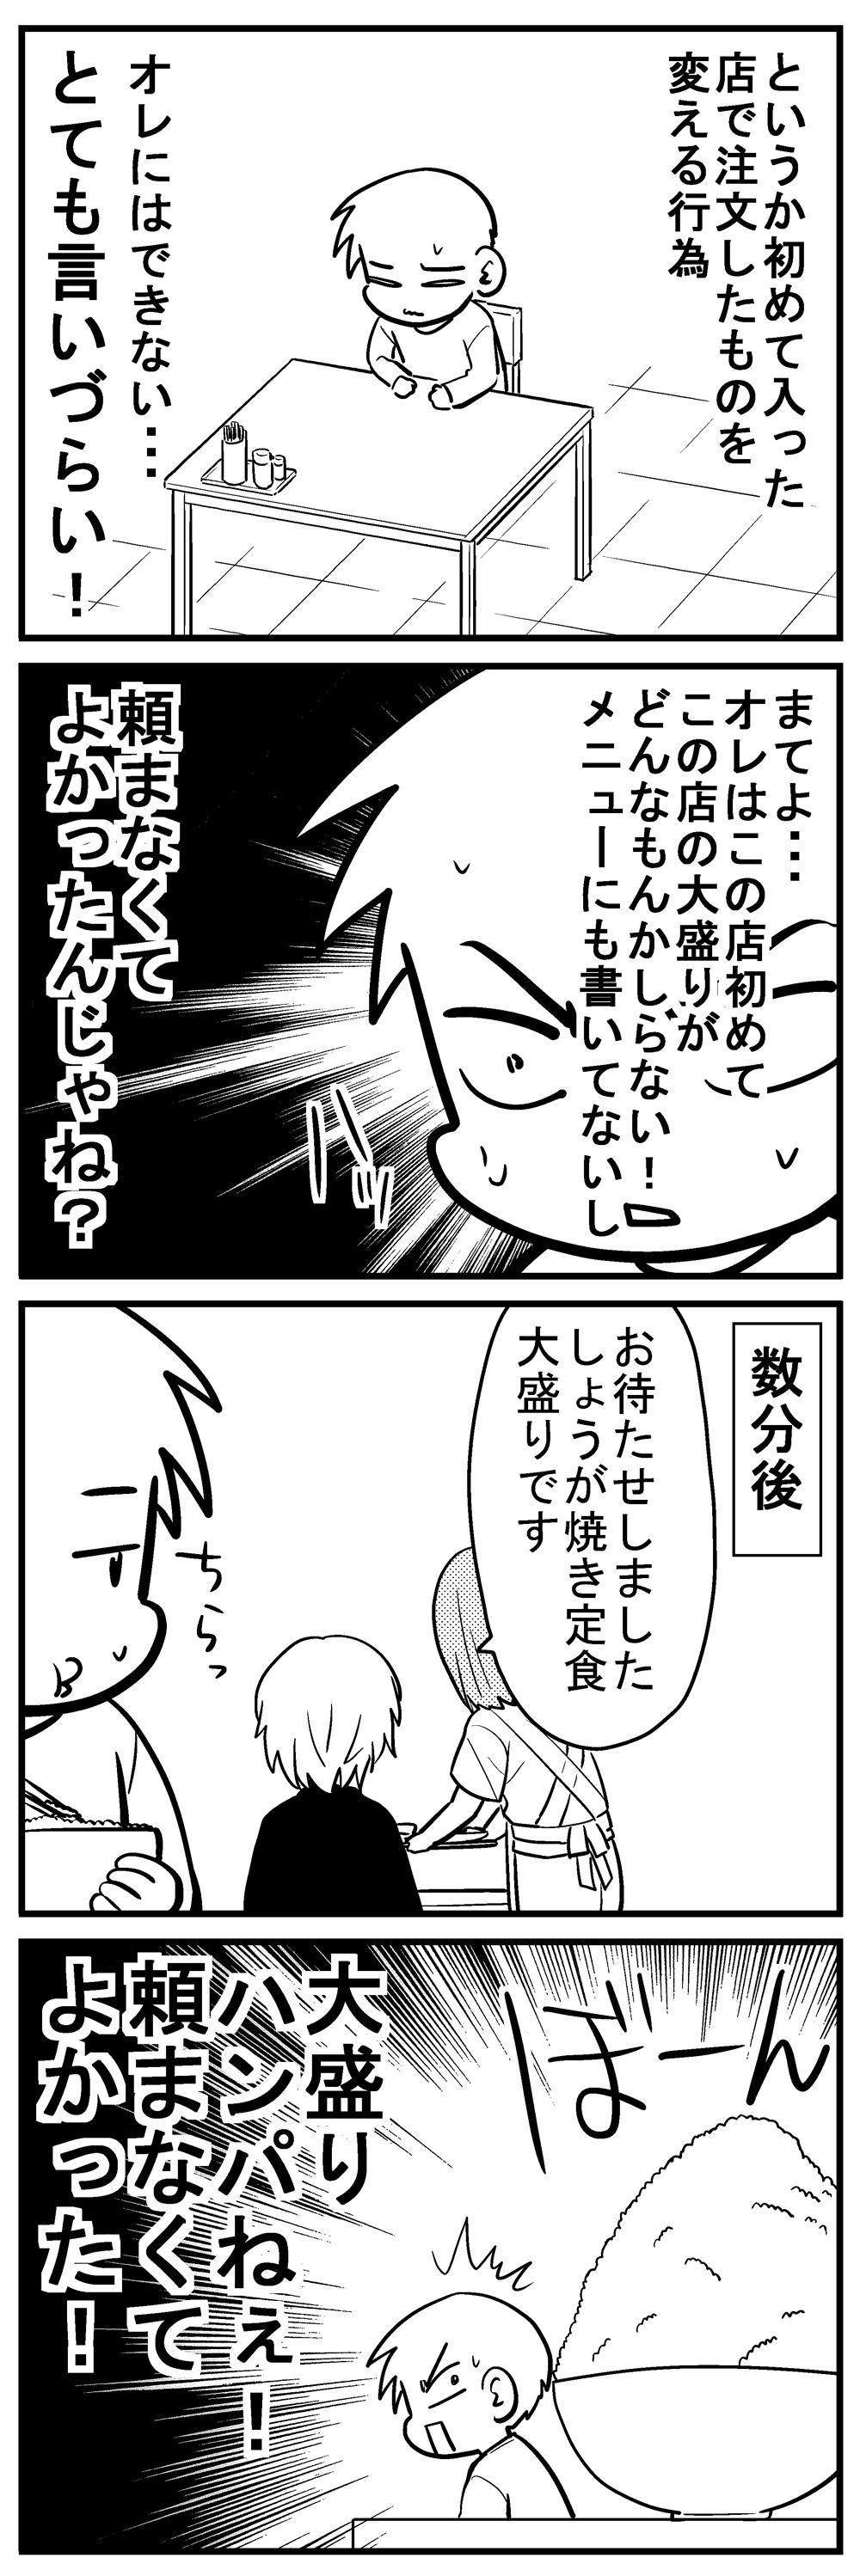 深読みくん101 2